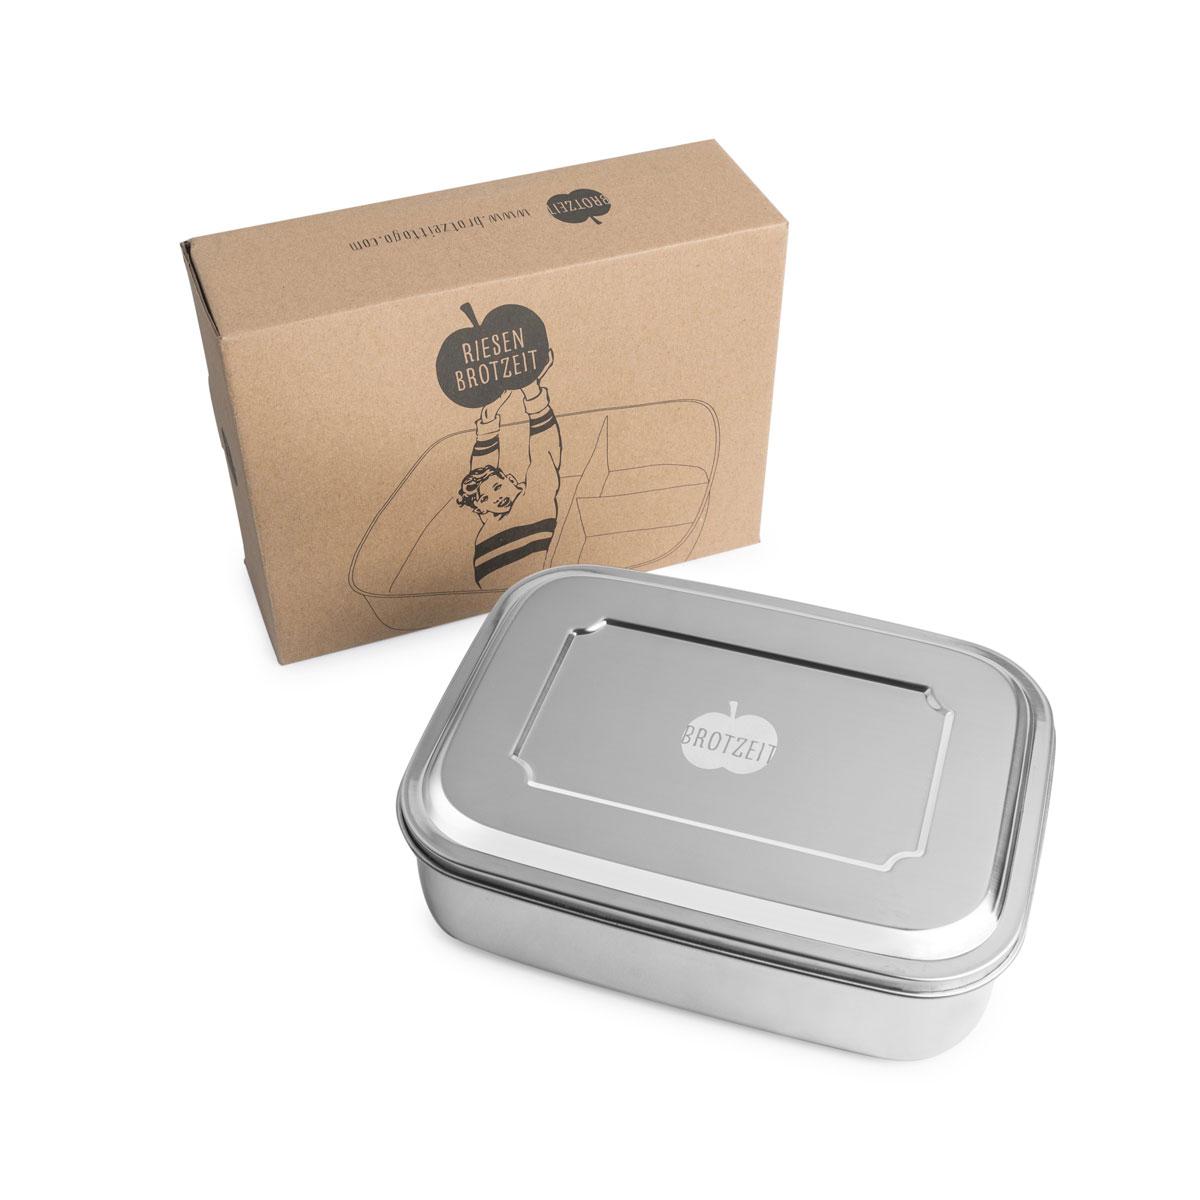 Lunchbox Riesen Brotzeit mit Unterteilung aus Edelstahl - 100% BPA frei, fest verschliessbar von Brotzeit